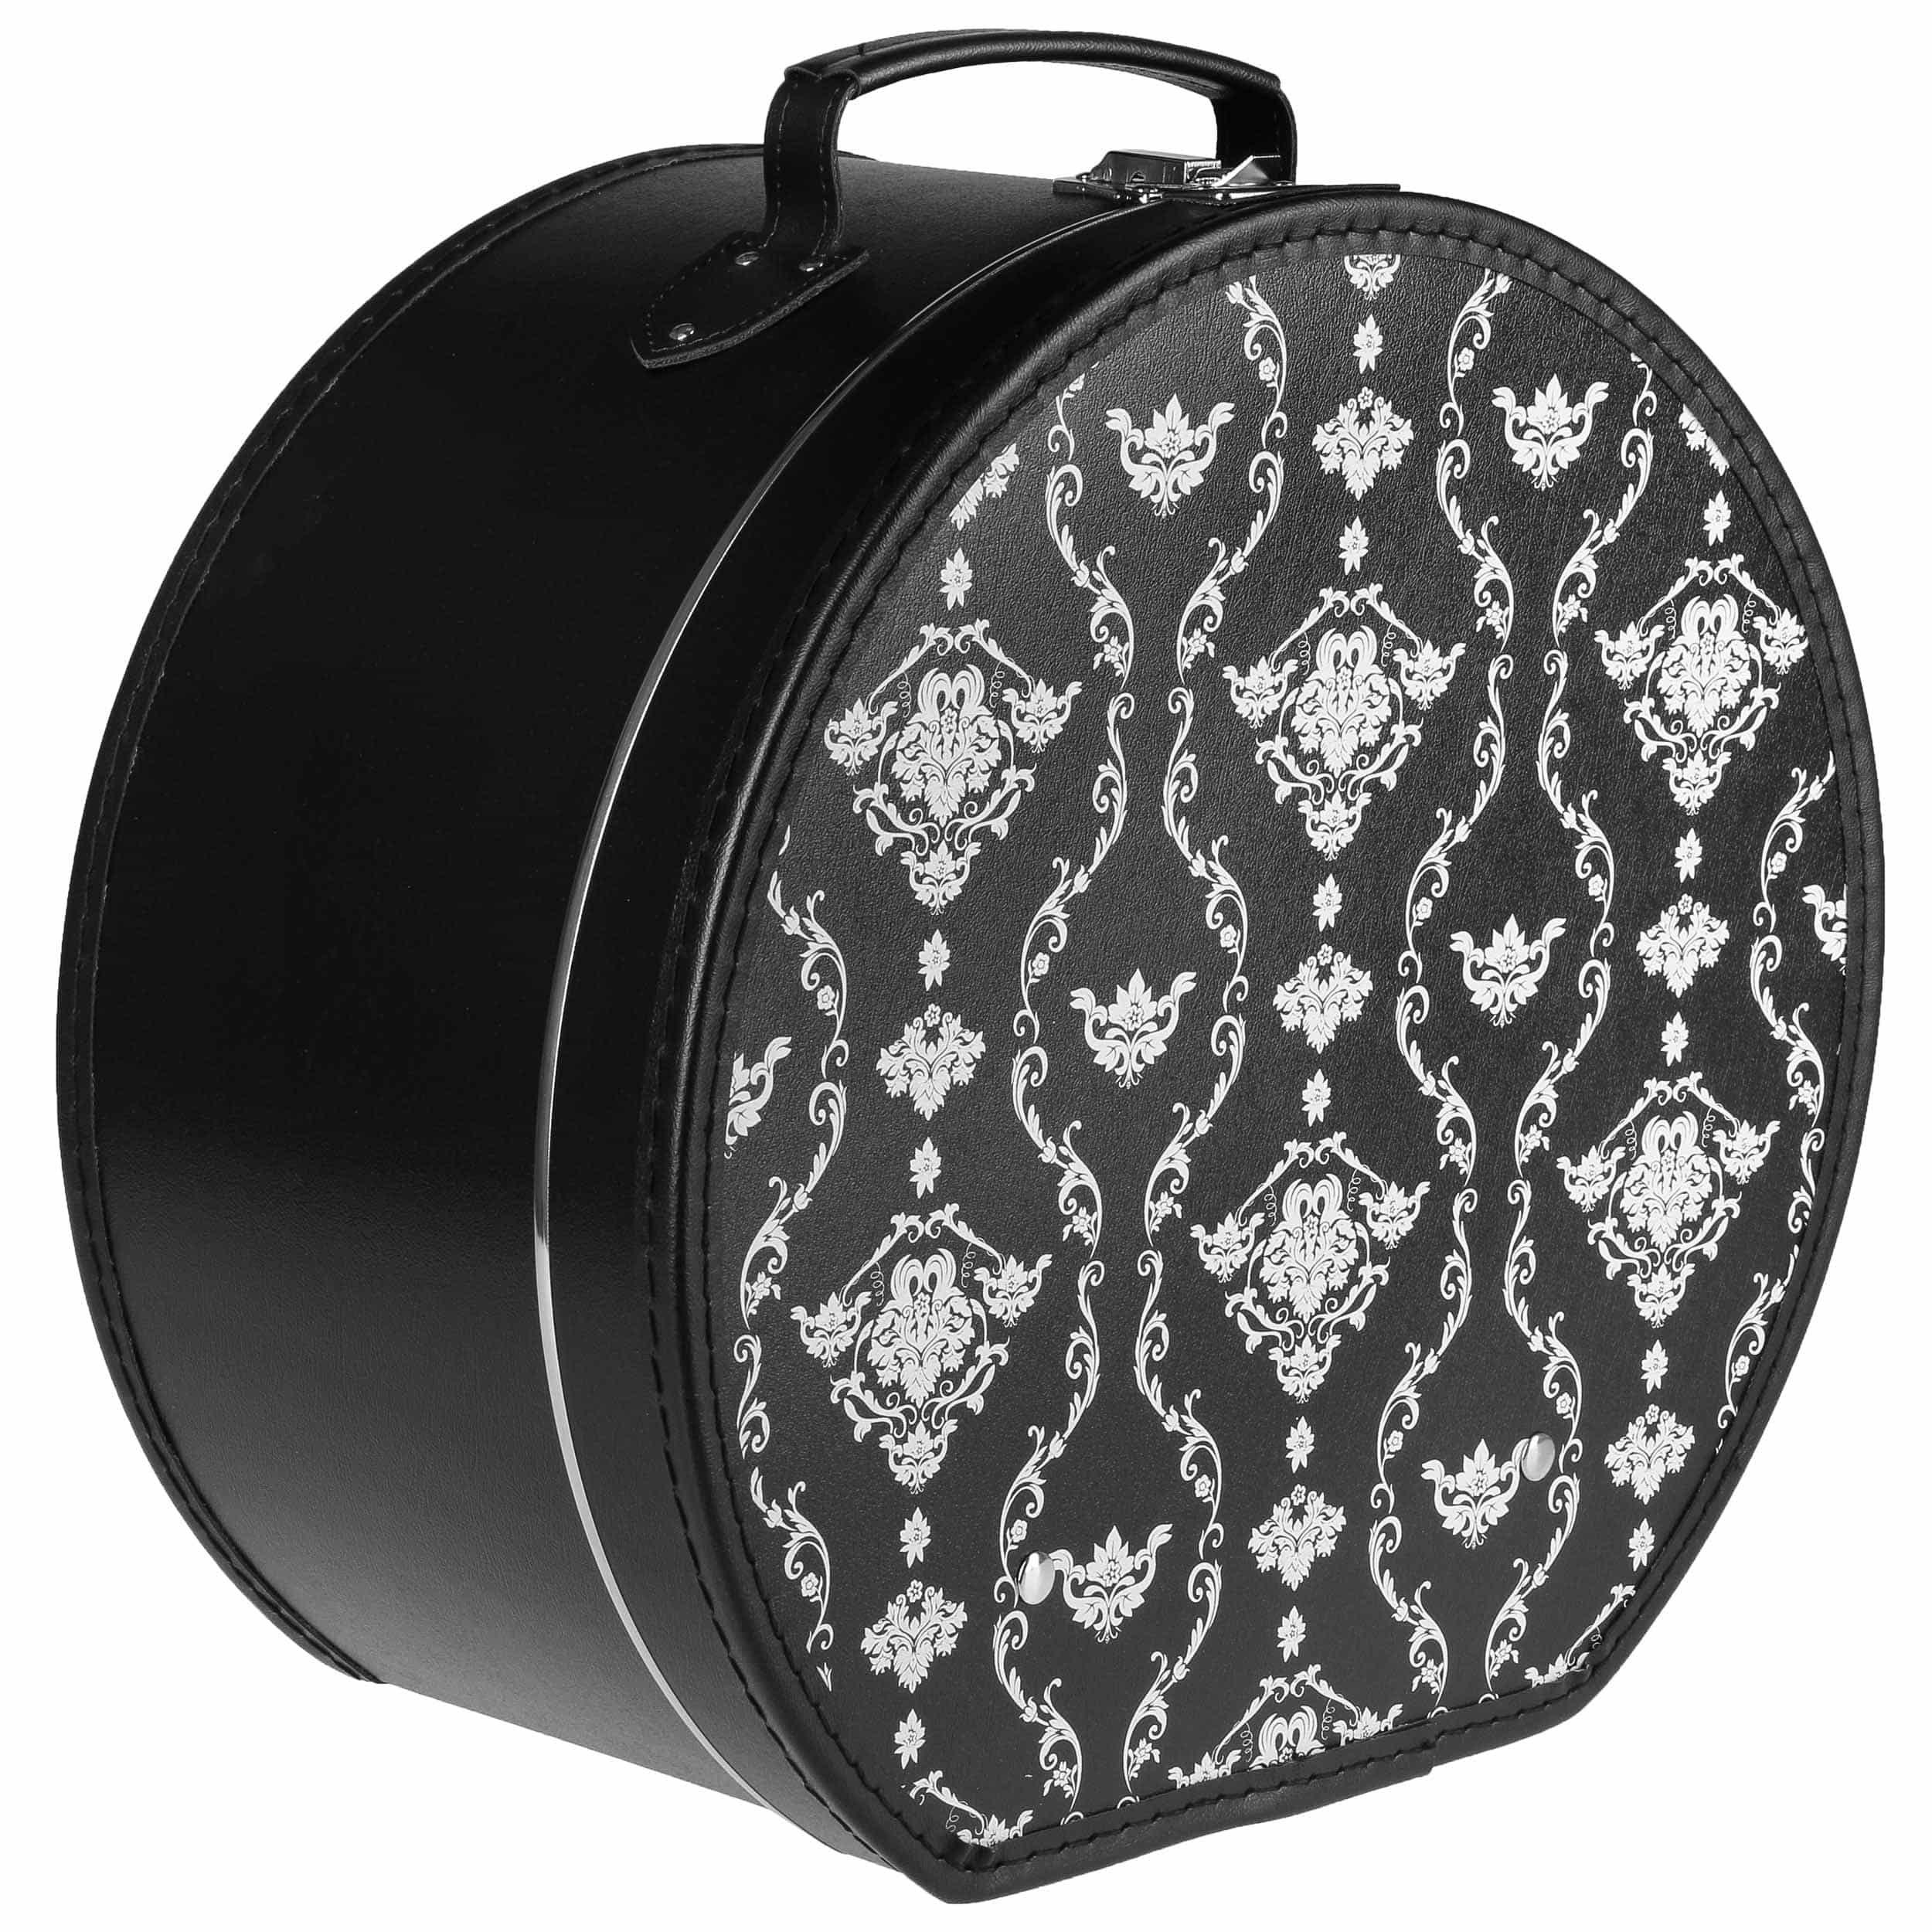 boite chapeau avec ornements by lierys eur 49 95 chapeaux casquettes et bonnets en ligne. Black Bedroom Furniture Sets. Home Design Ideas